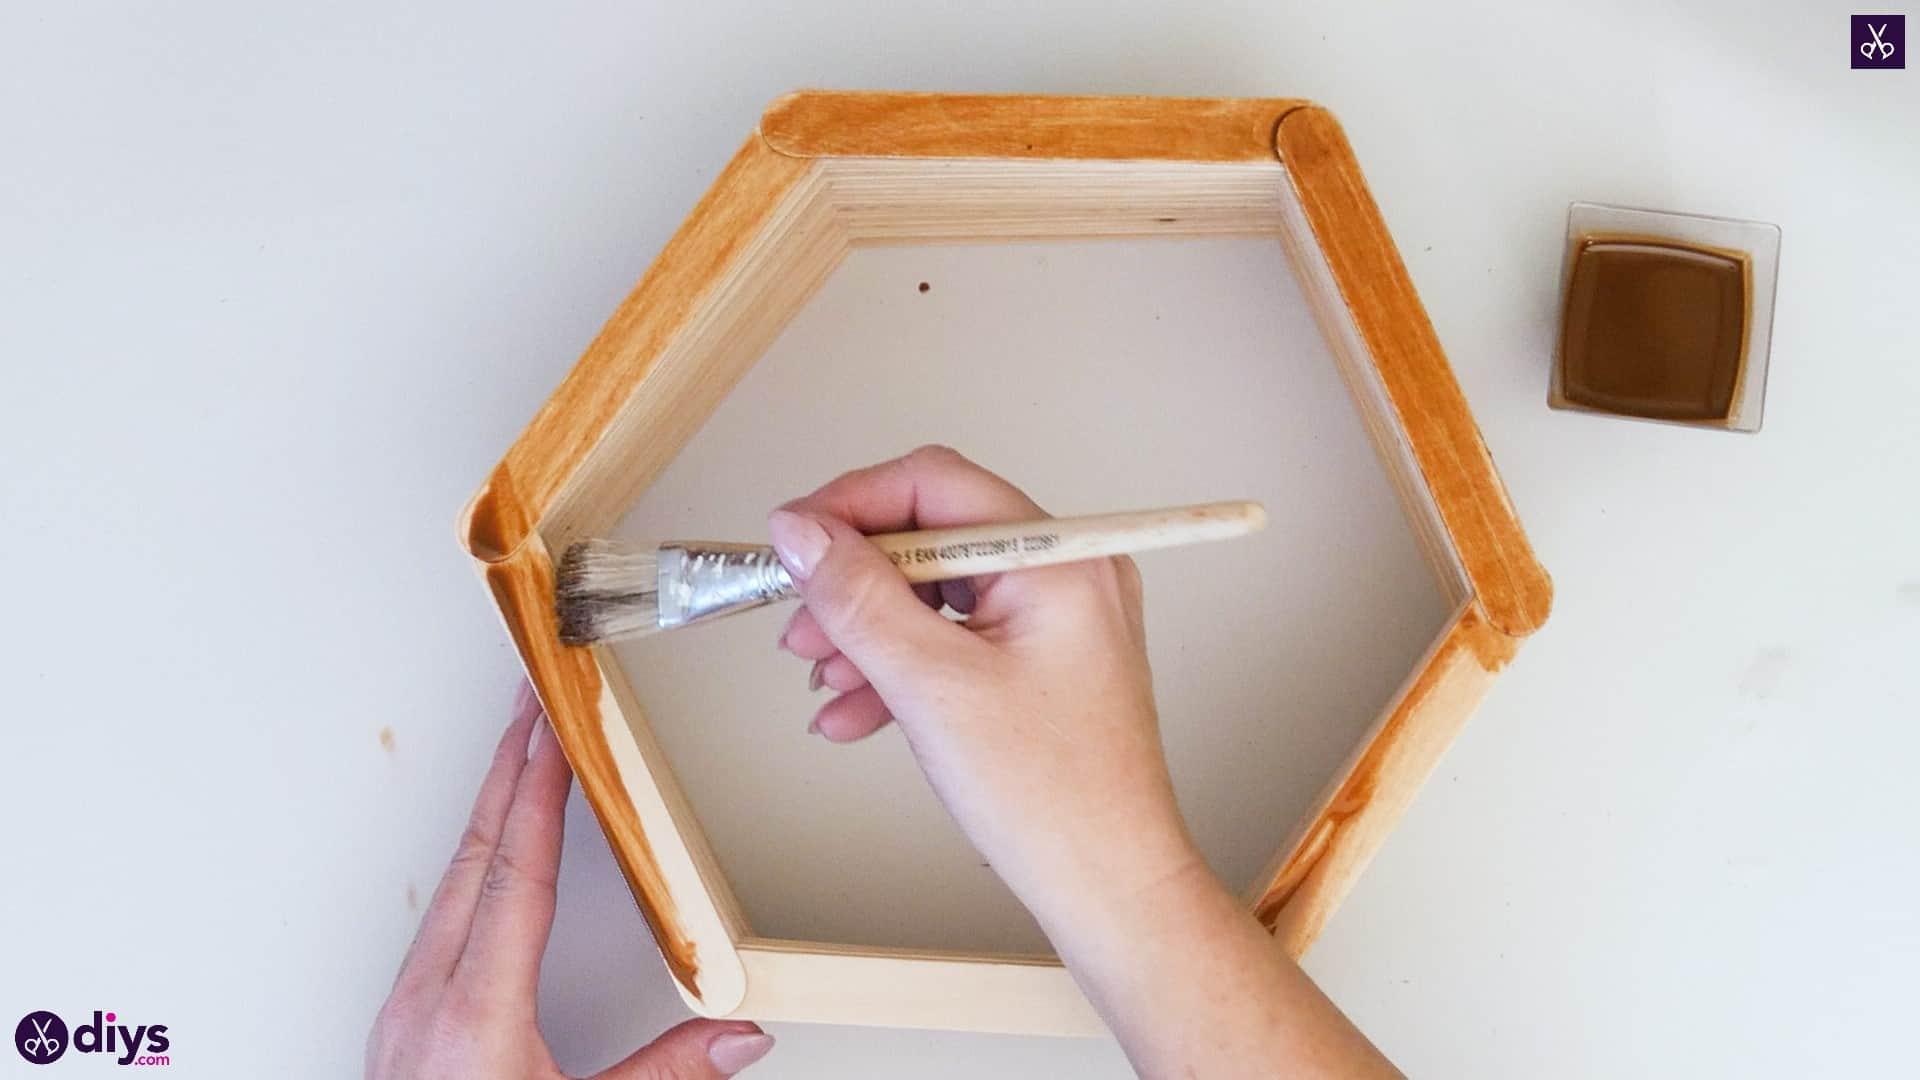 Diy popsicle stick hexagon shelf step 4a